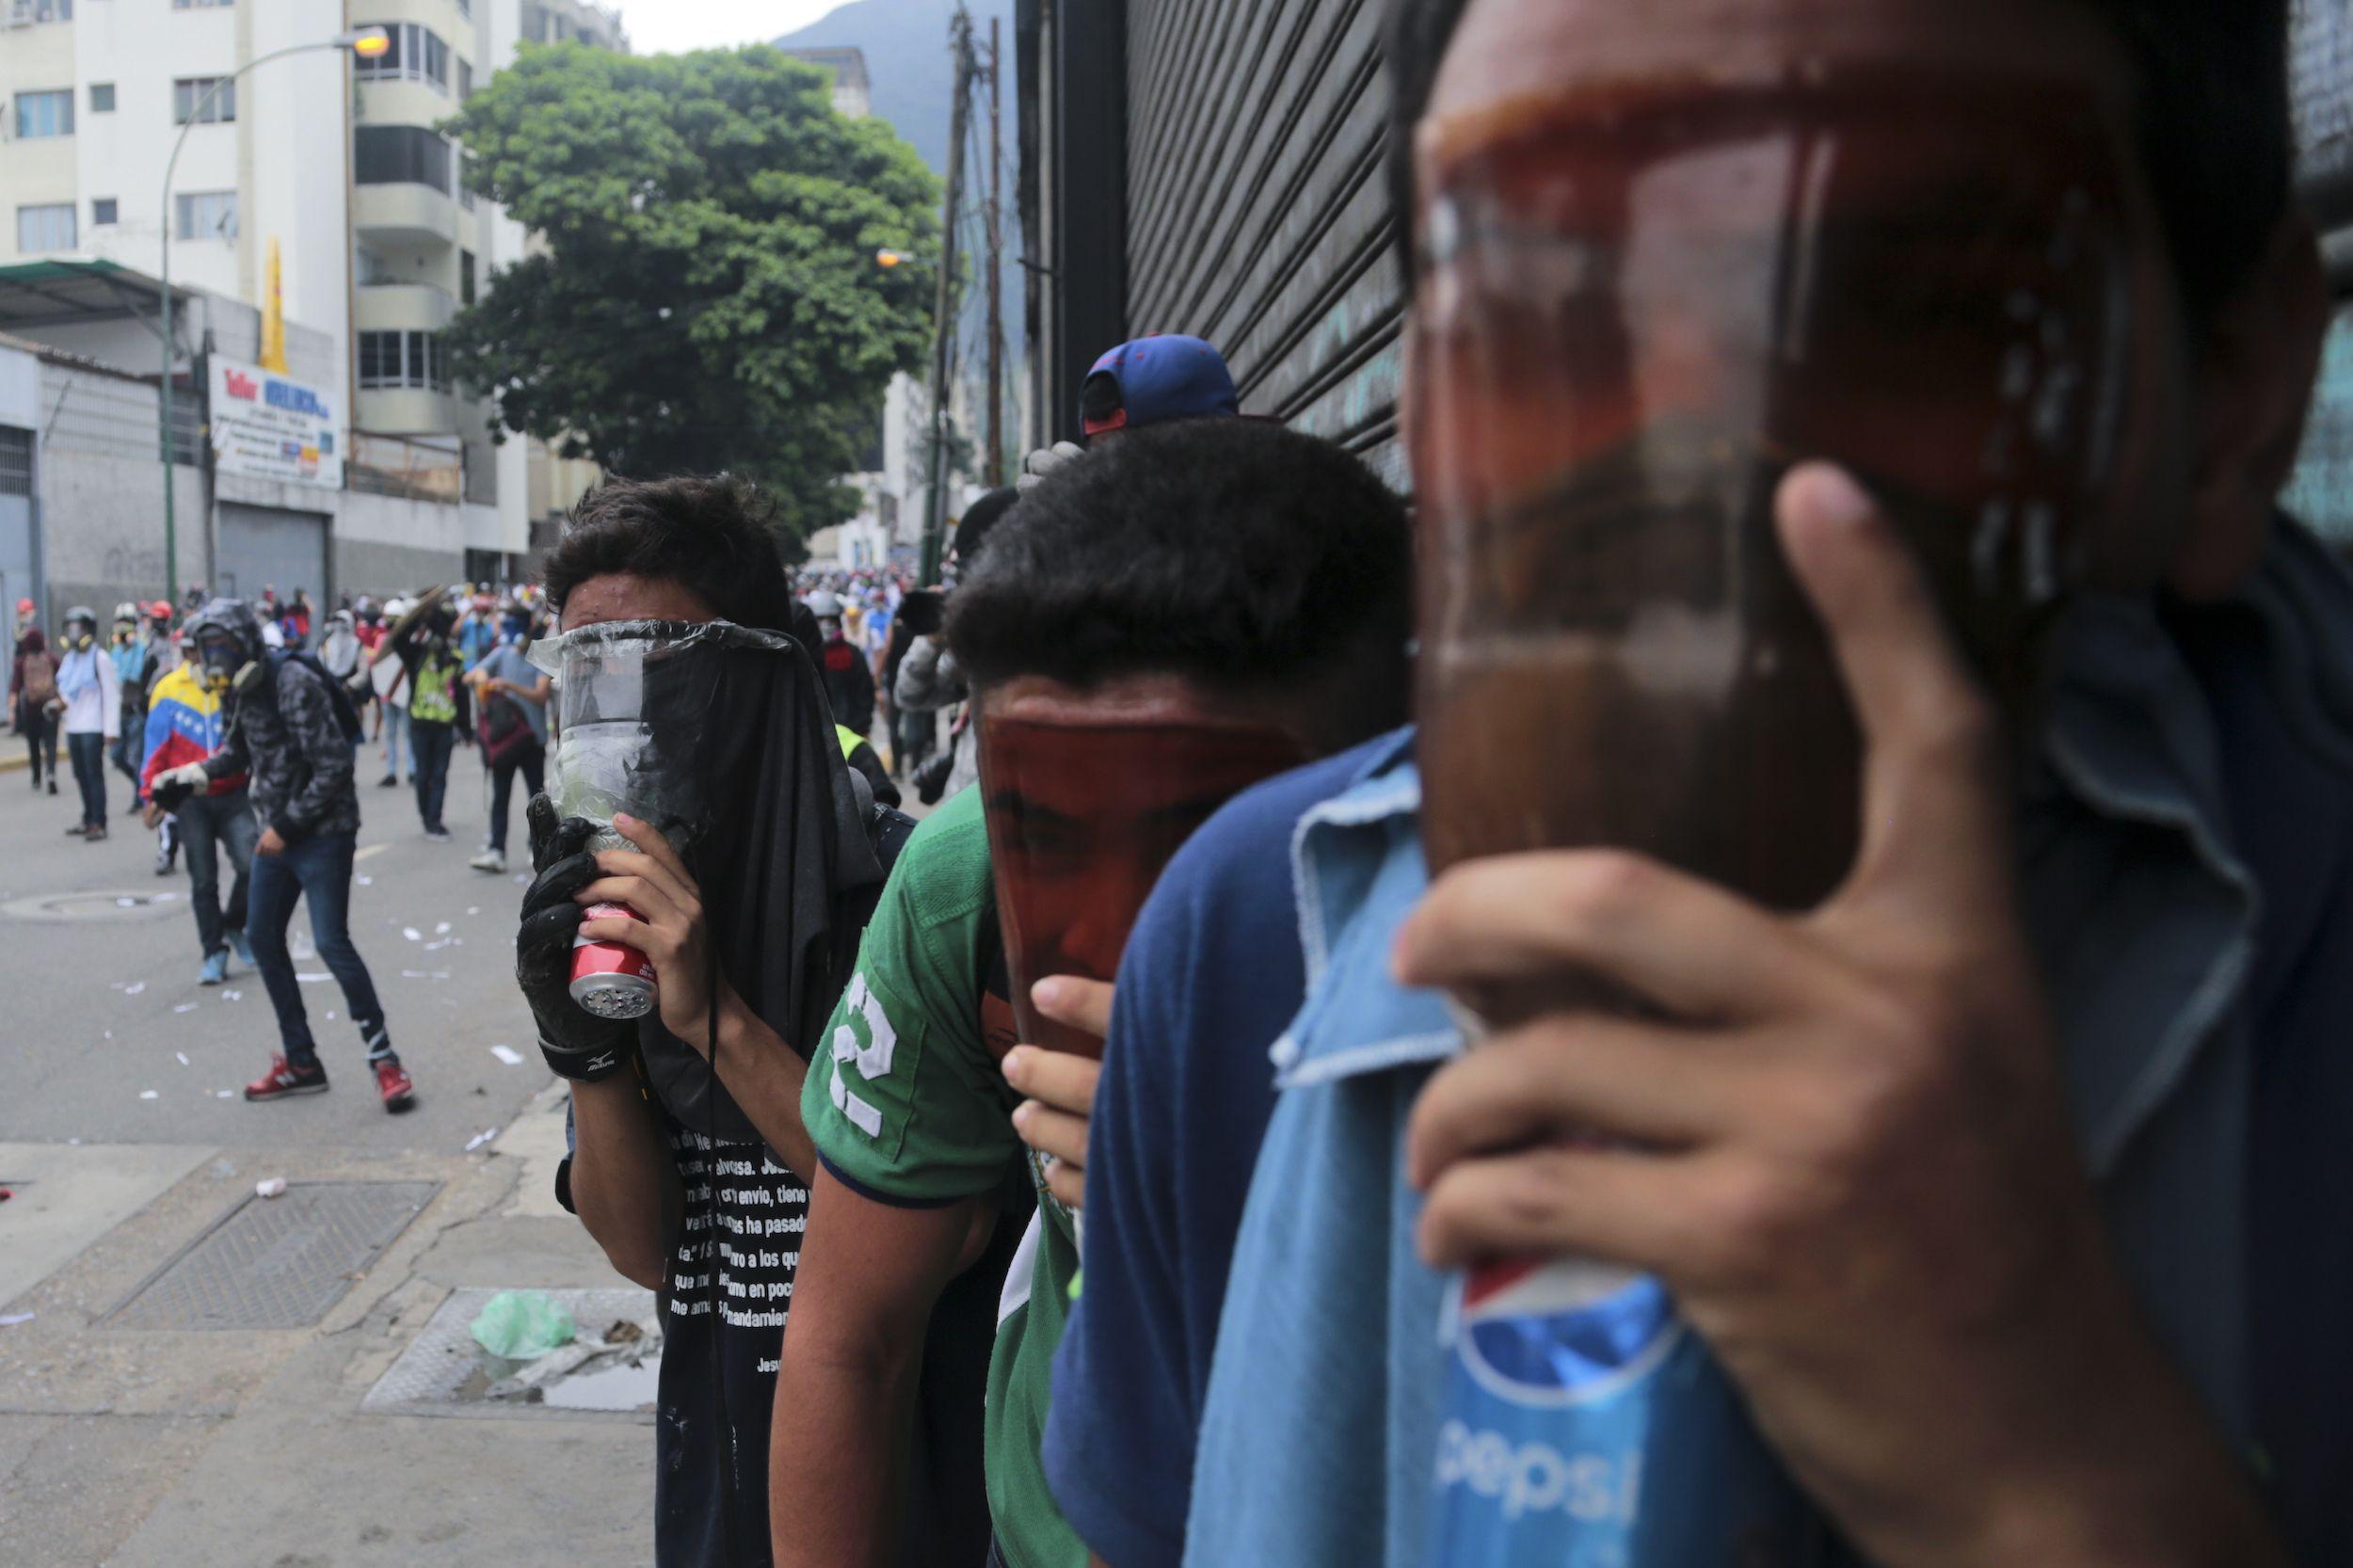 Manifestantes antigubernamentales cubren sus caras con máscaras de gas caseras durante una marcha contra el decreto del presidente venezolano Nicolás Maduro que da inicio al proceso para reformar la constitución. / Foto: AP